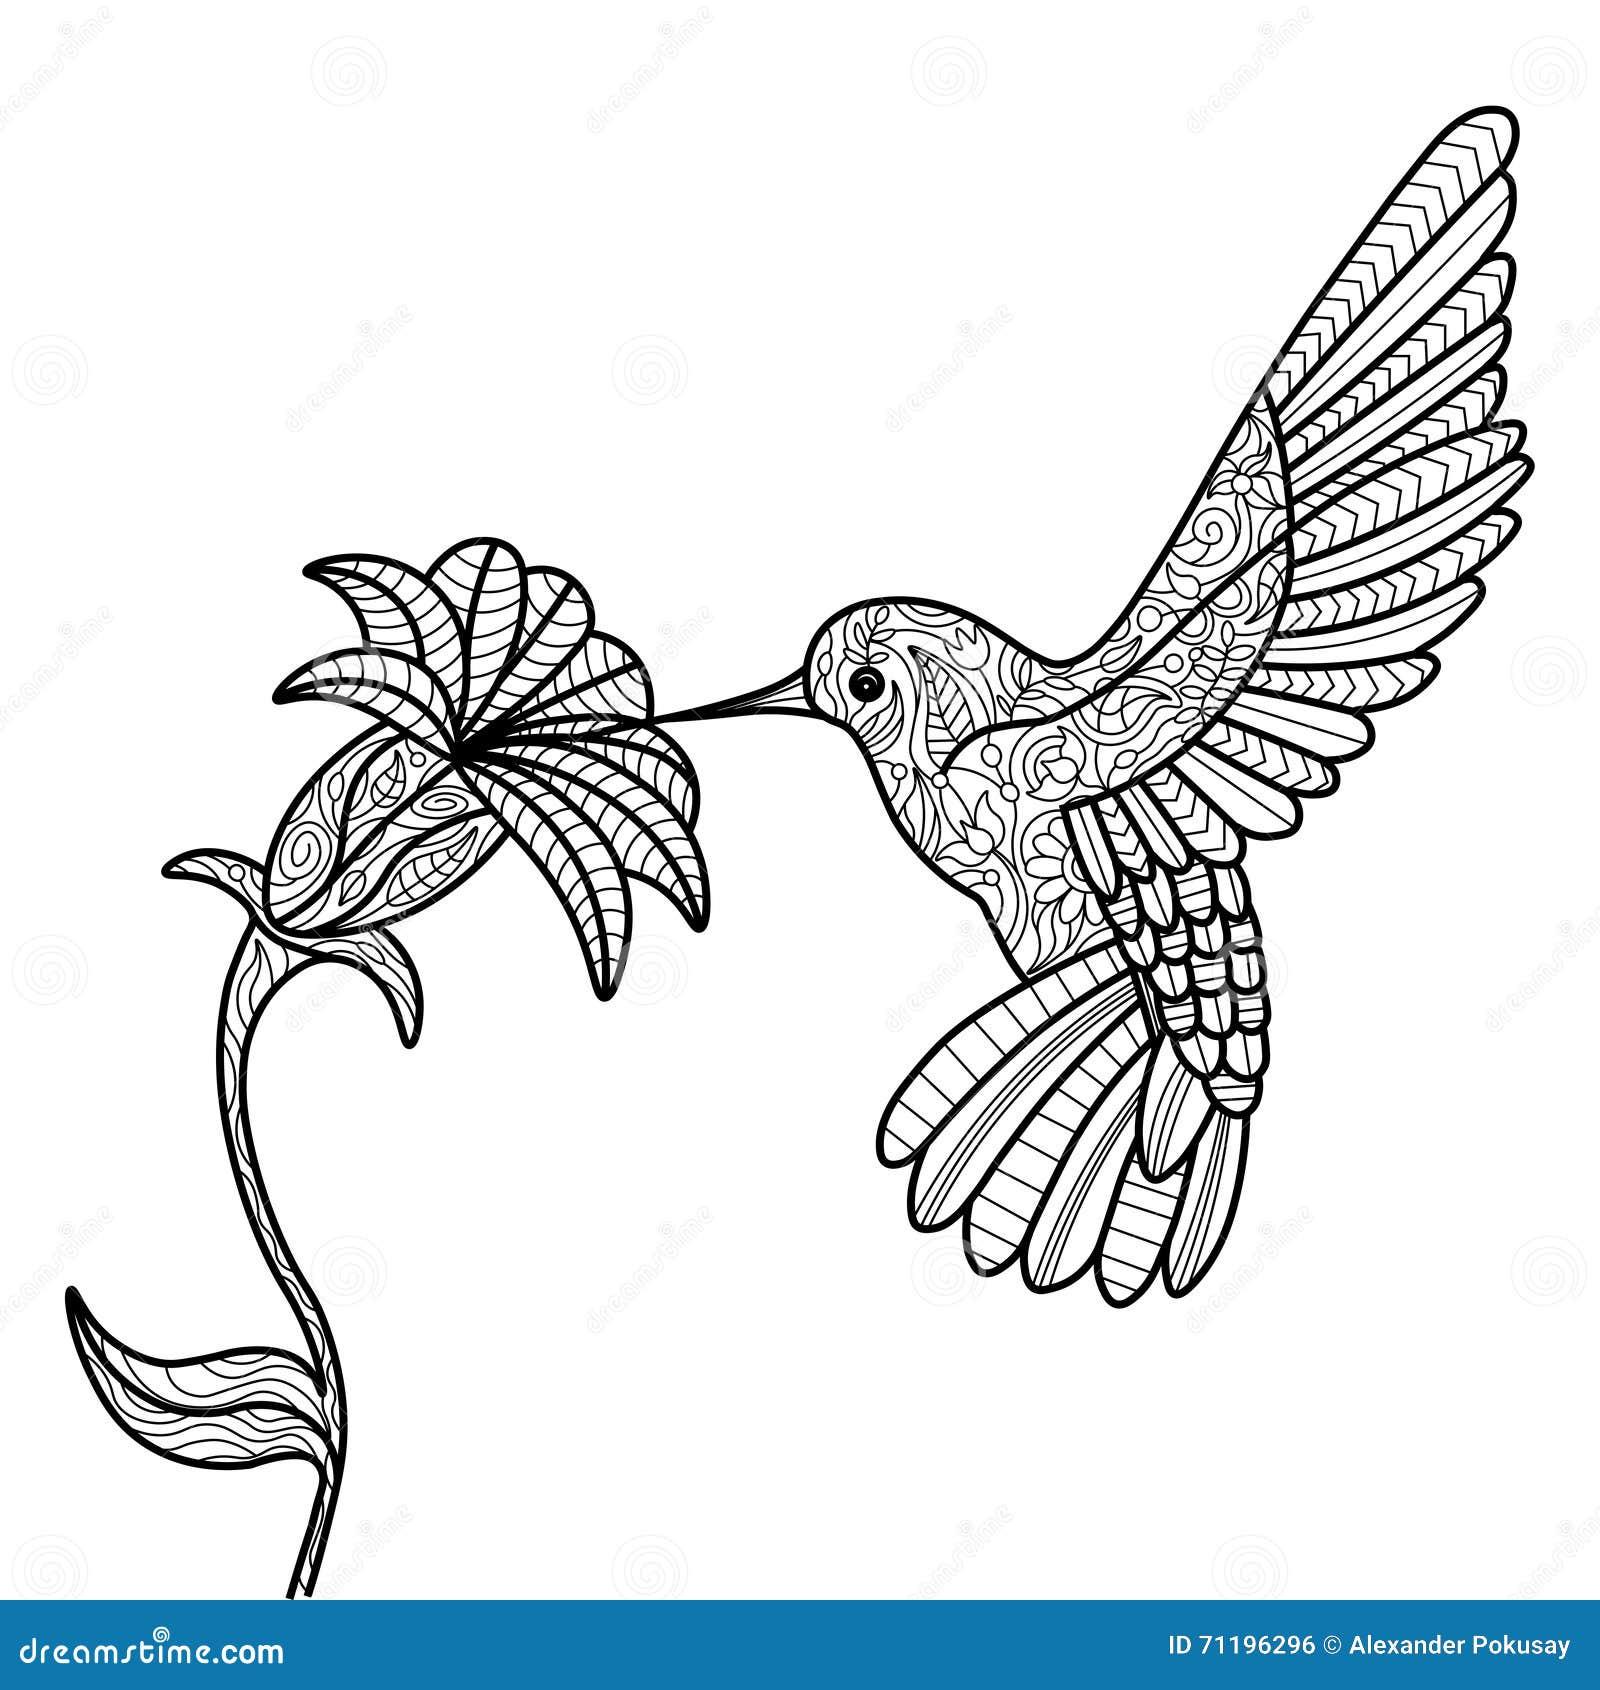 kolibrimalbuch für erwachsenvektor vektor abbildung